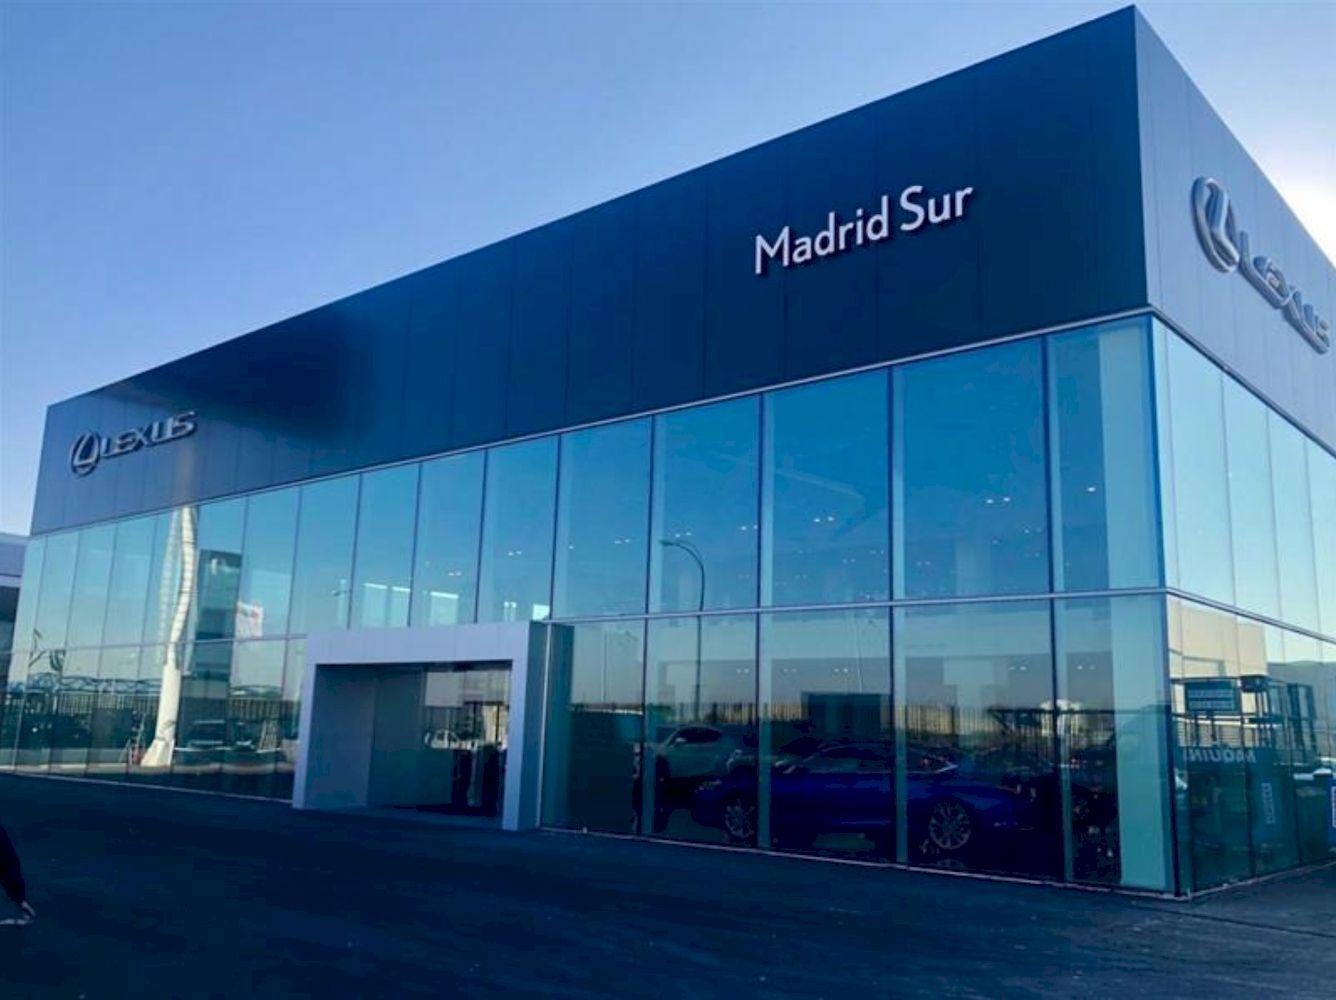 Lexus Madrid Sur 1